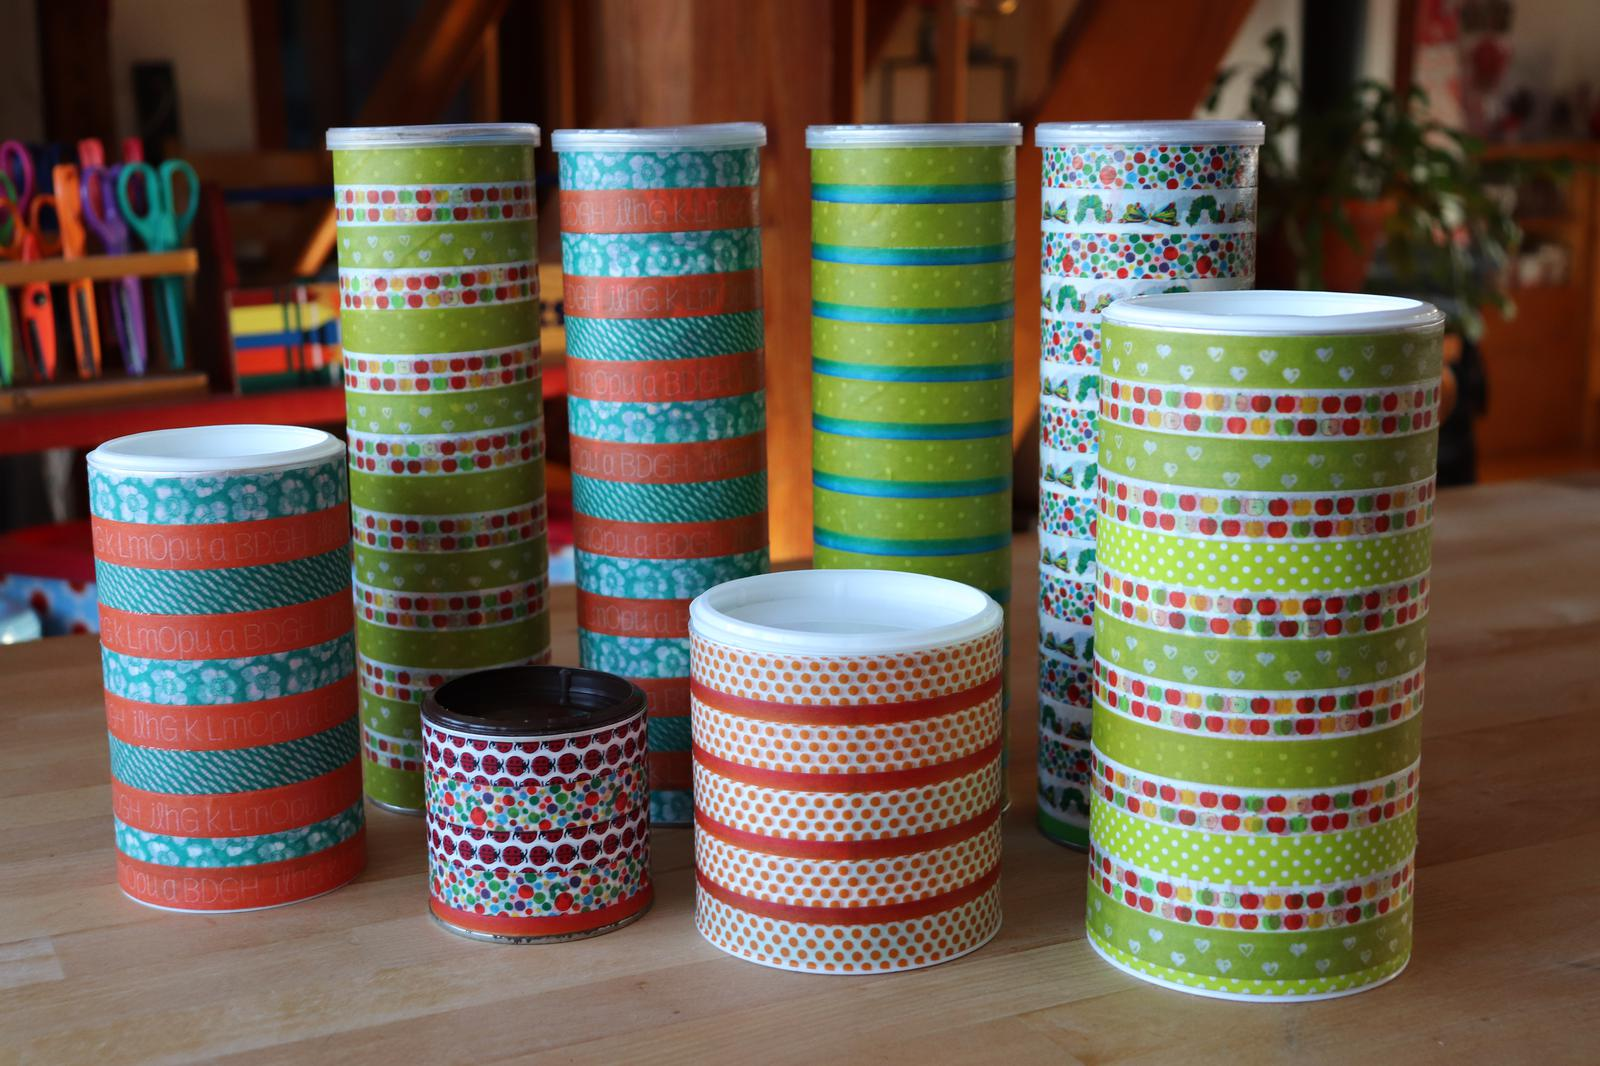 Bunte Dosen|Unverpackt Laden|Unverpackt Einkaufen|Upcycling|Dosen mit Deckel|Pringlesdose|DIY|Washitape|bunte Tesas|Bunte Dosen für den Einkauf im Unverpackt Laden